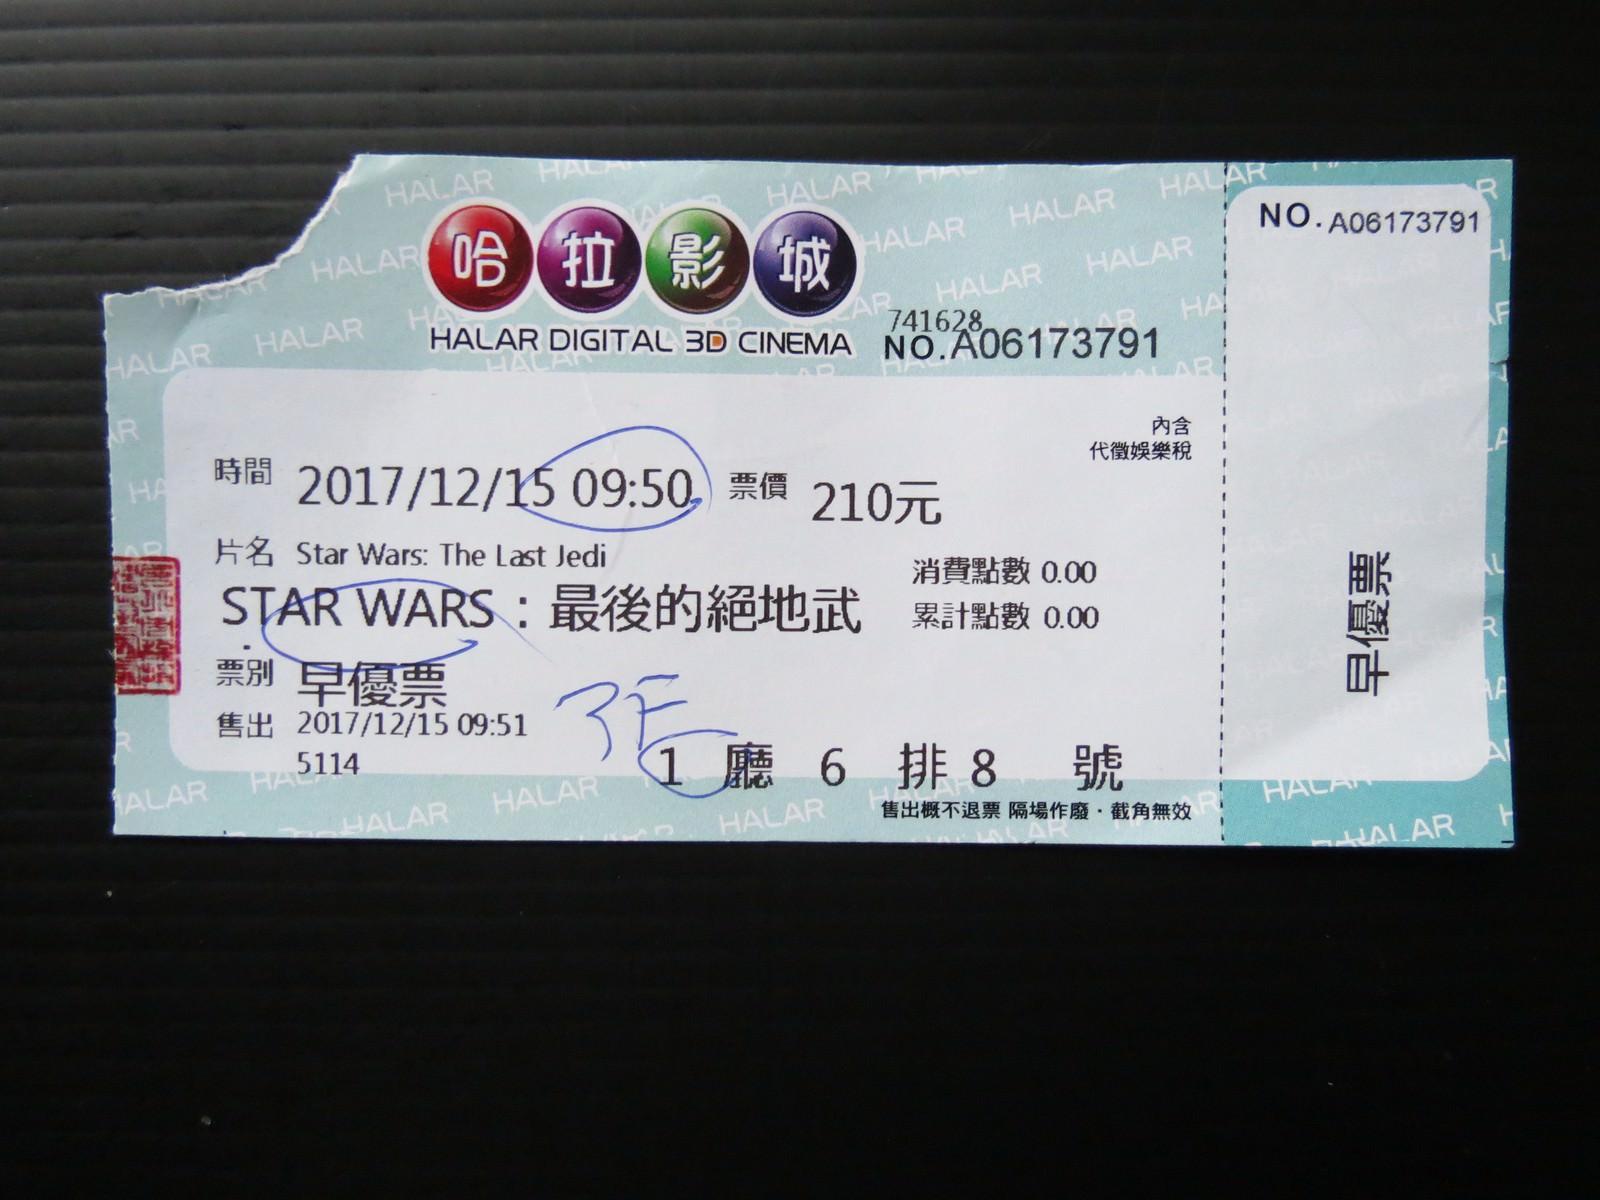 Movie, Star Wars: The Last Jedi(美國, 2017) / STAR WARS:最後的絕地武士(台灣) / 星球大战8:最后的绝地武士(中國) / 星球大戰:最後絕地武士(香港), 電影票